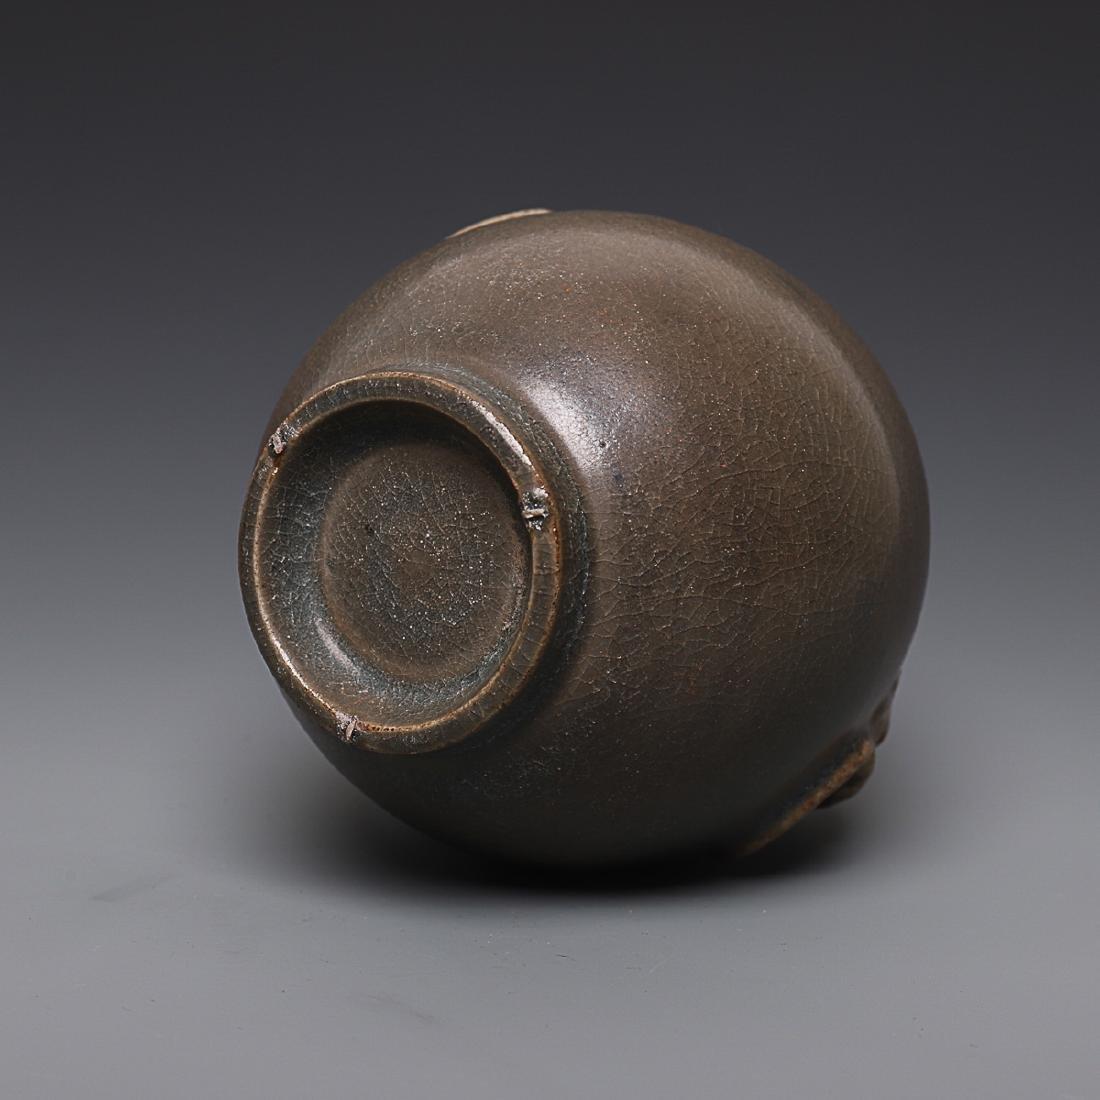 Vintage Chinese Porcelain Jar - 4